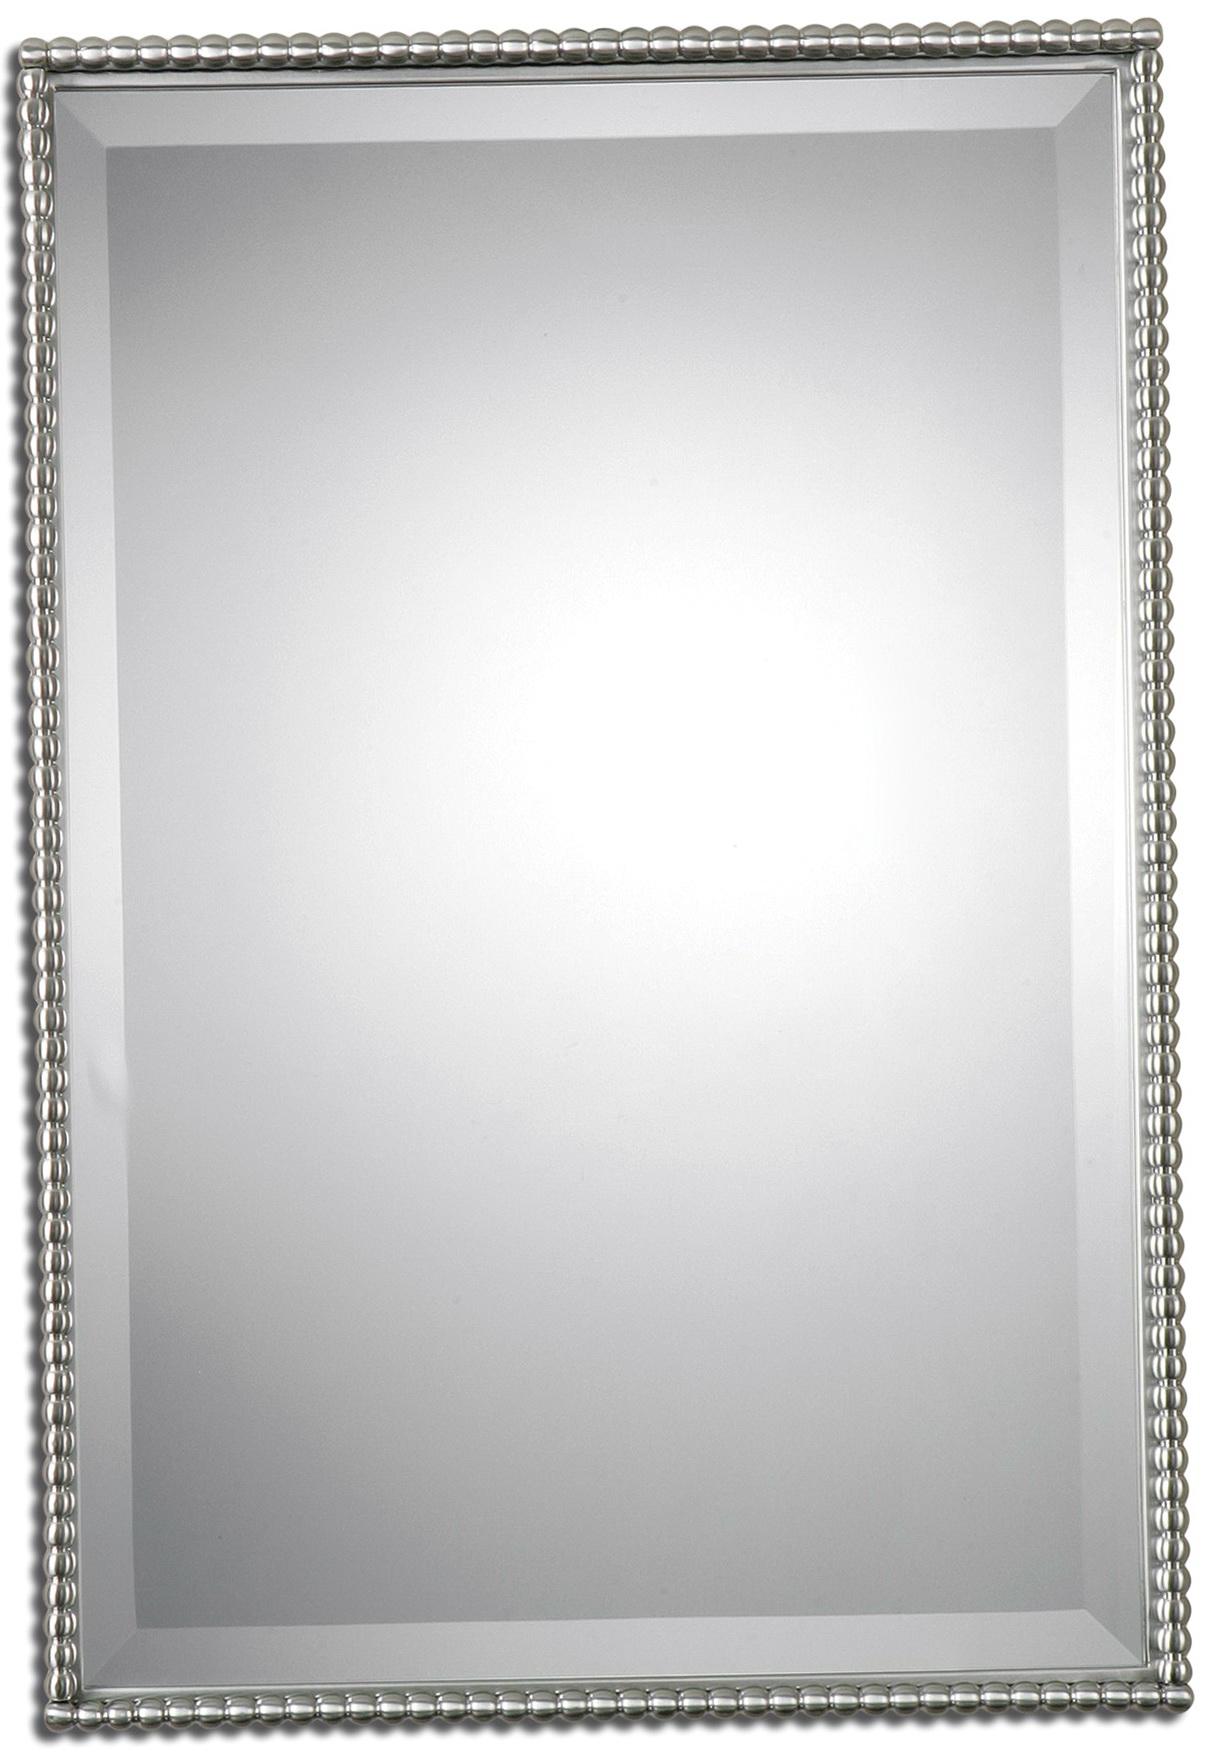 Brushed Nickel Mirror Bathroom